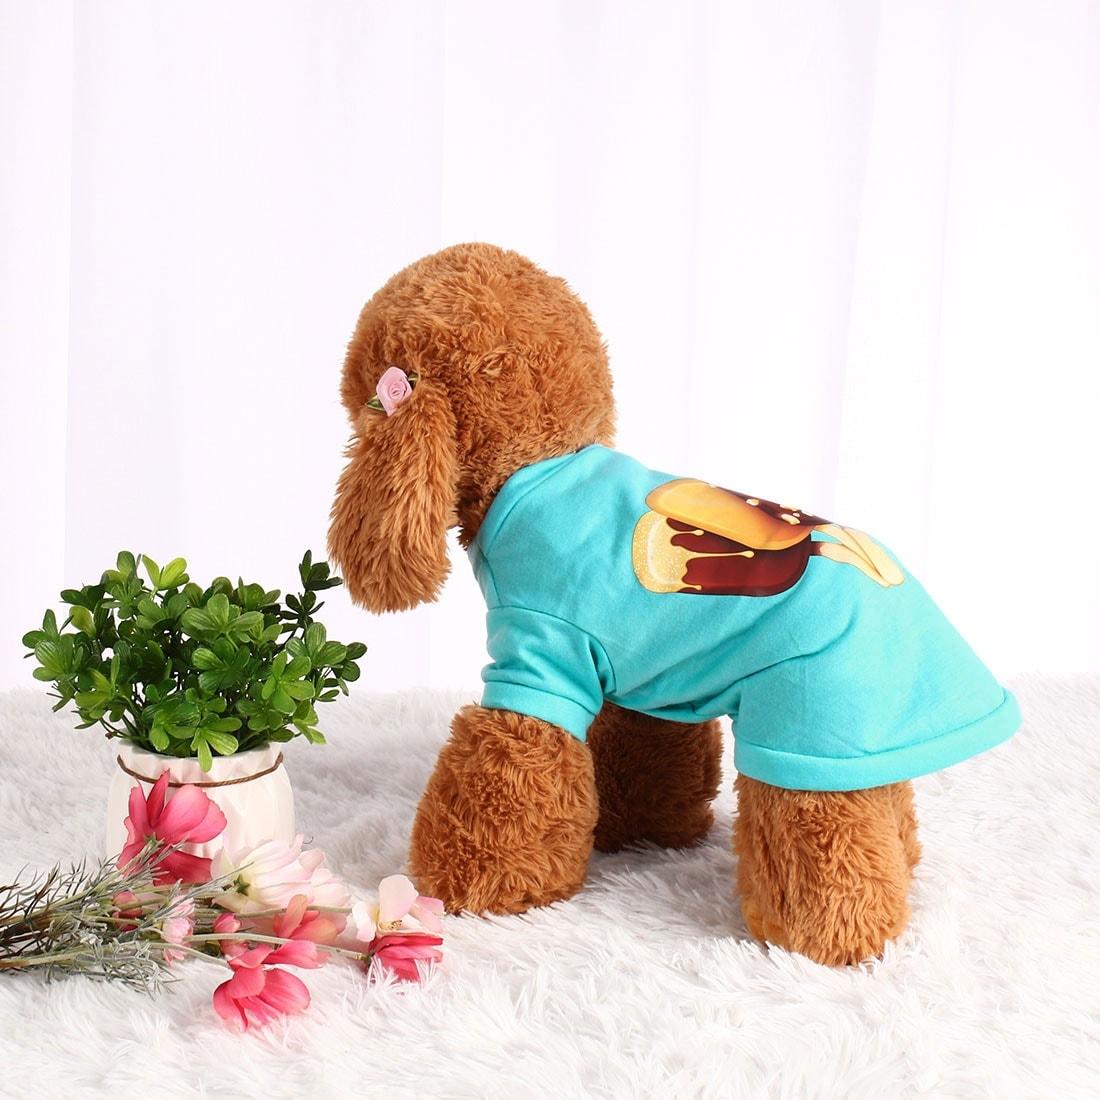 Dog T Shirt Puppy Small Pet Cat Sweatshirt Tops Clothes Apparel Vest Costume (L)